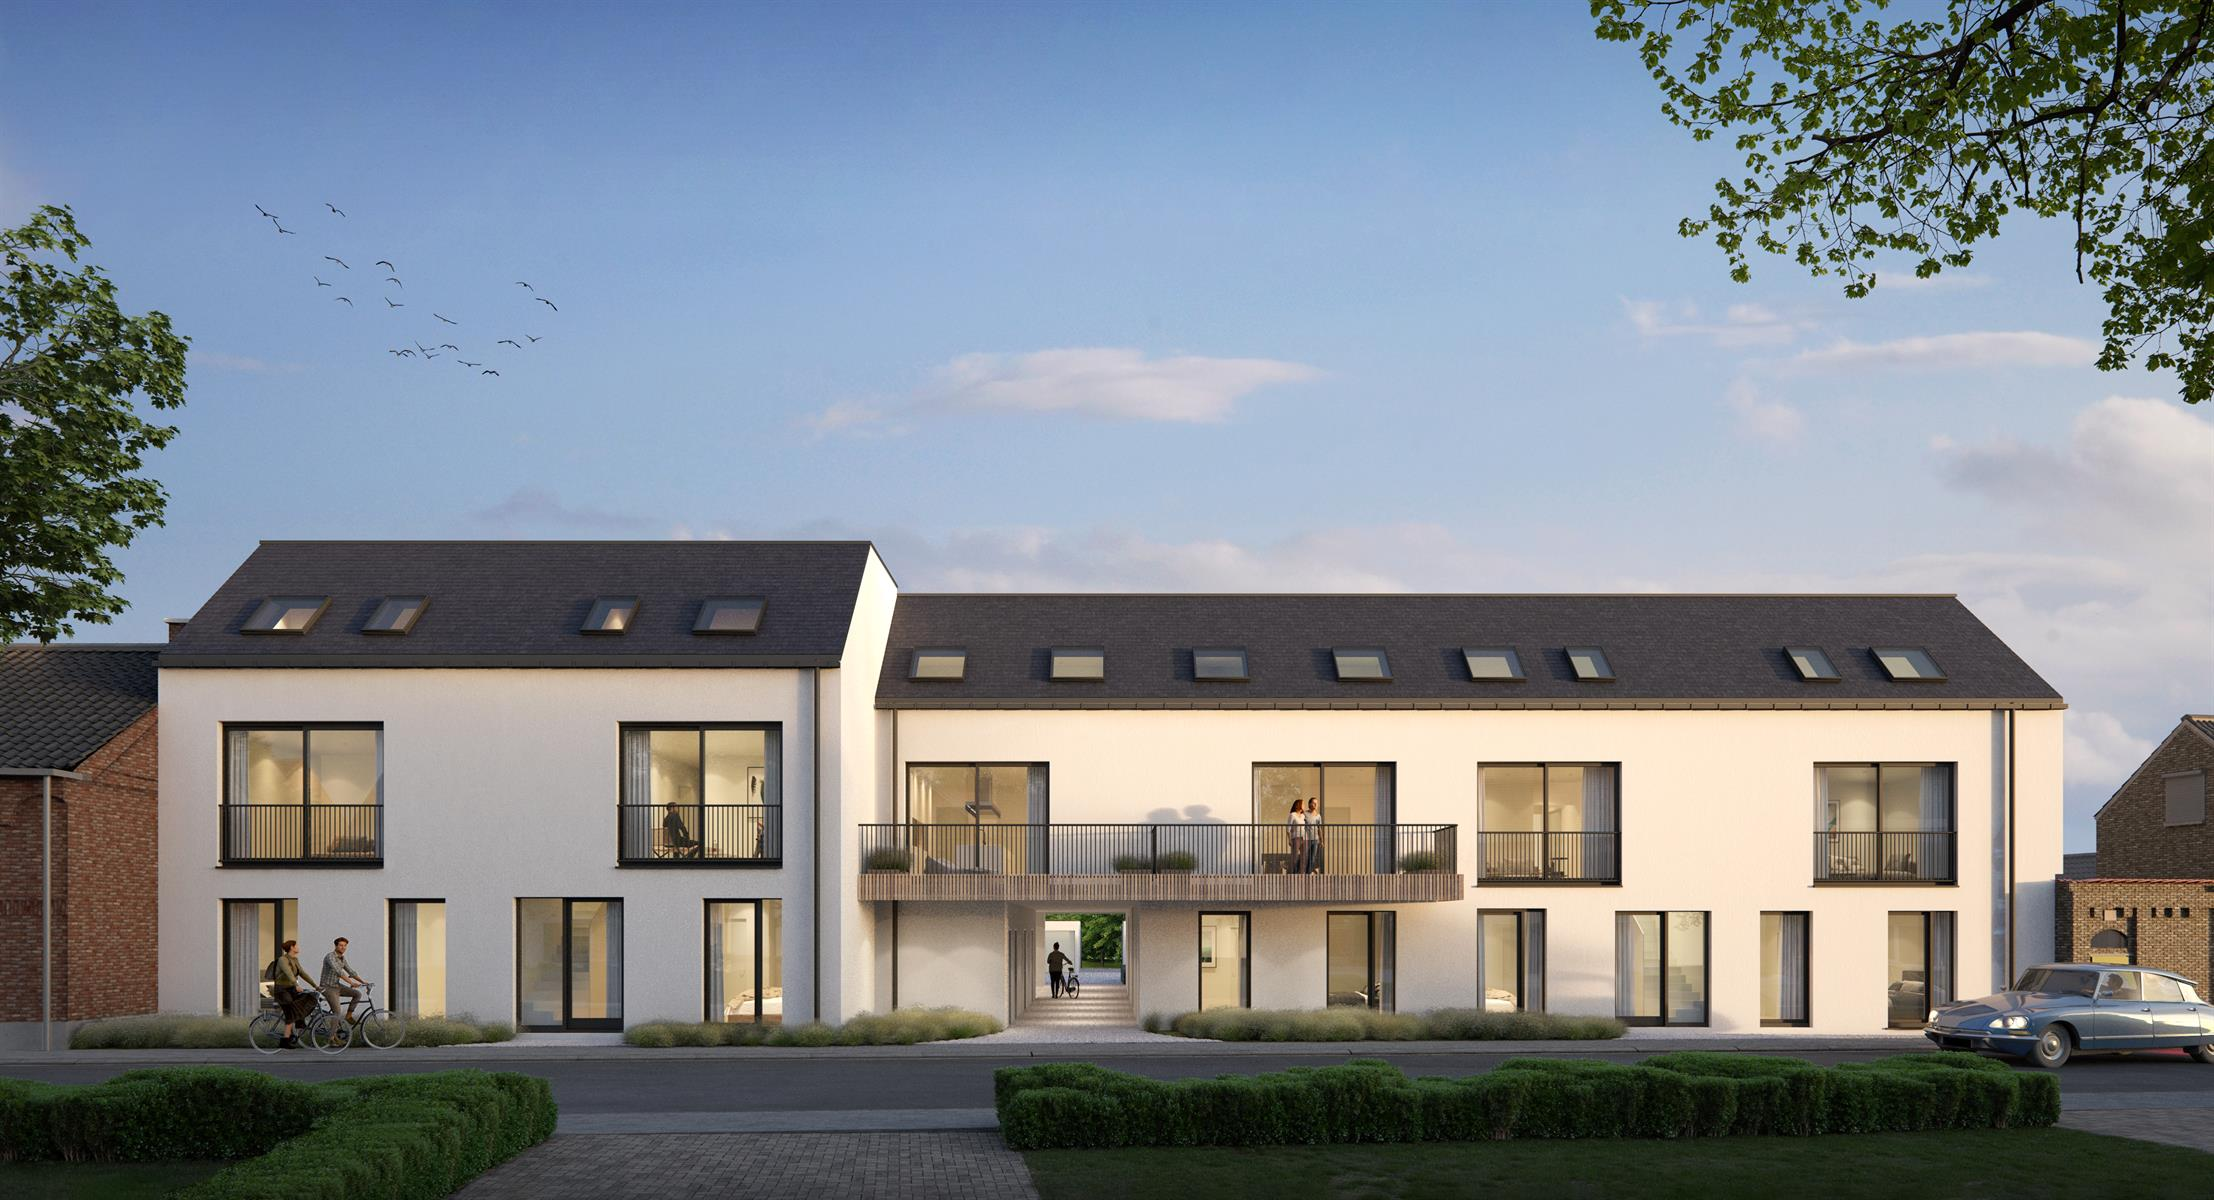 Residentie Enya (www.enya.com) voor 50 % VERKOCHT, bestaande uit 11 ruime appartementen met 1,2 of 3 slaapkamers